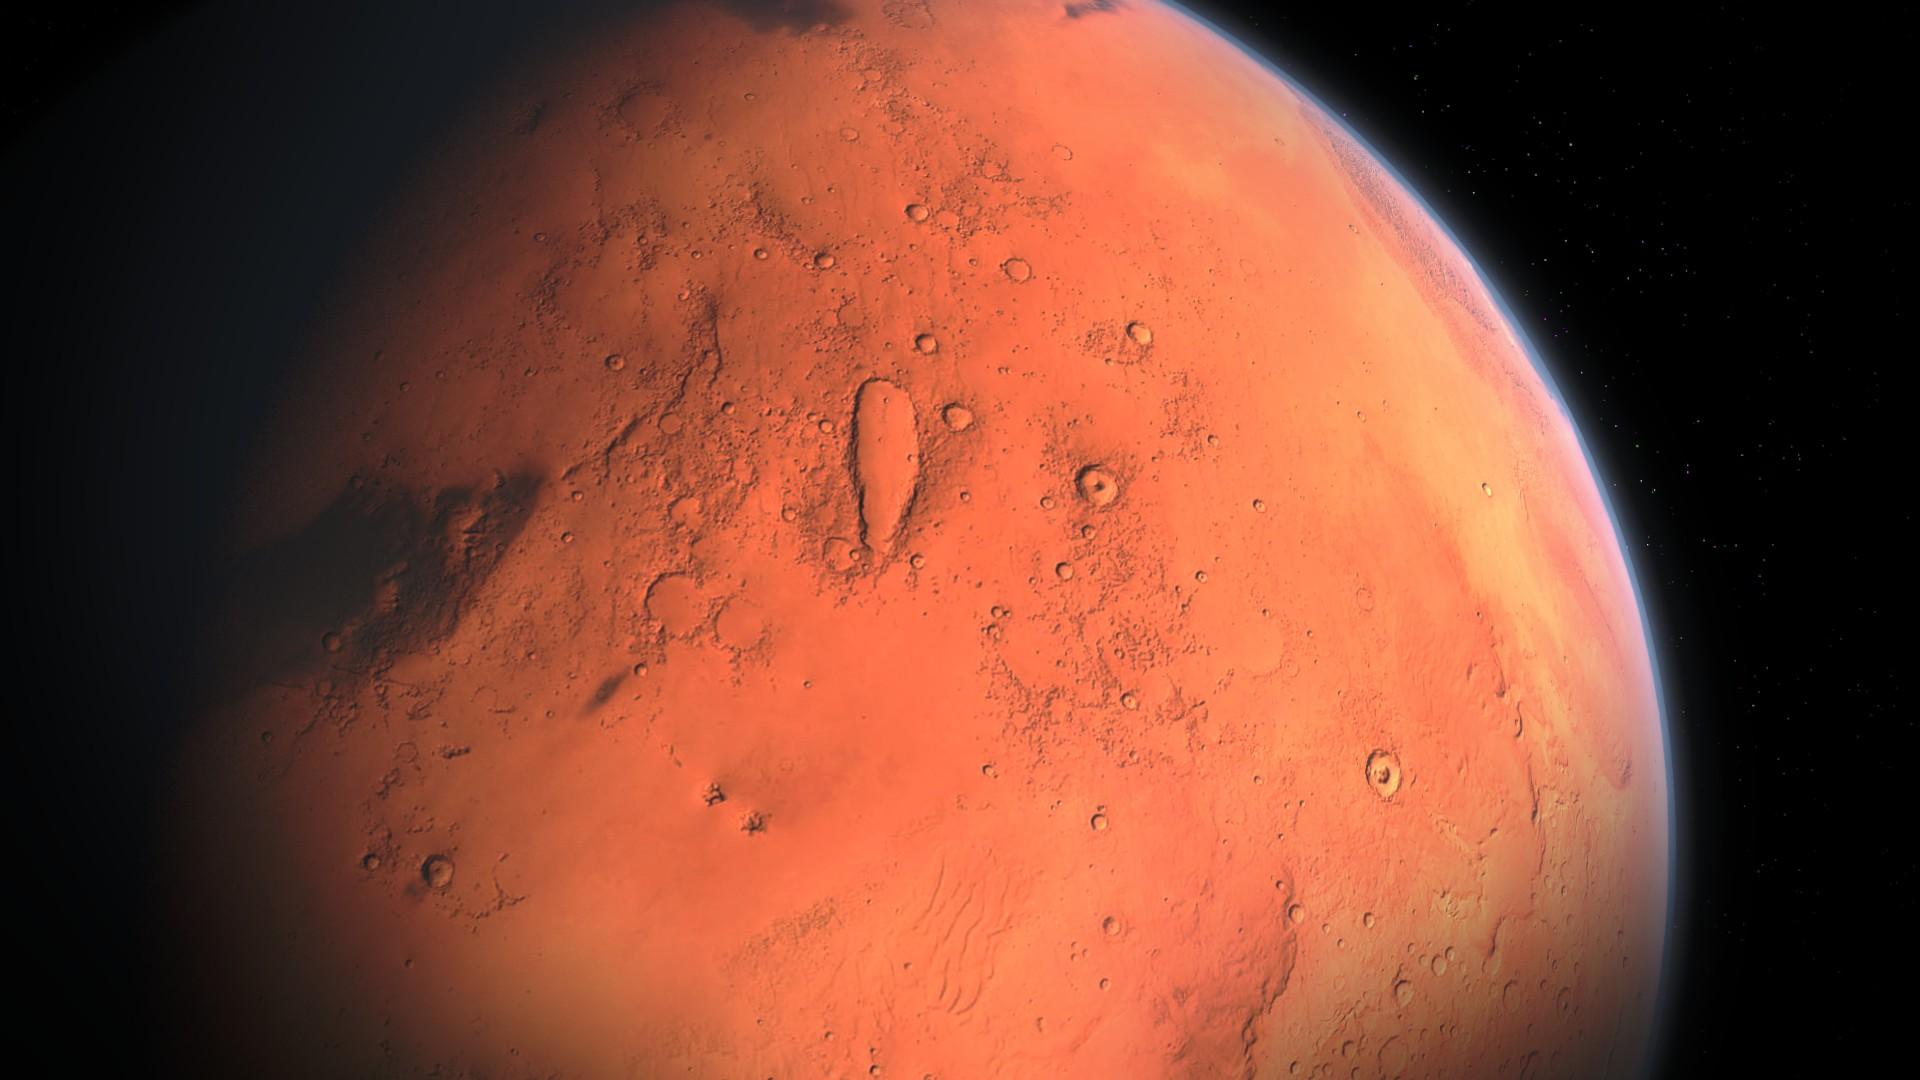 La planète Mars est plus vivante que nous l'avions imaginé